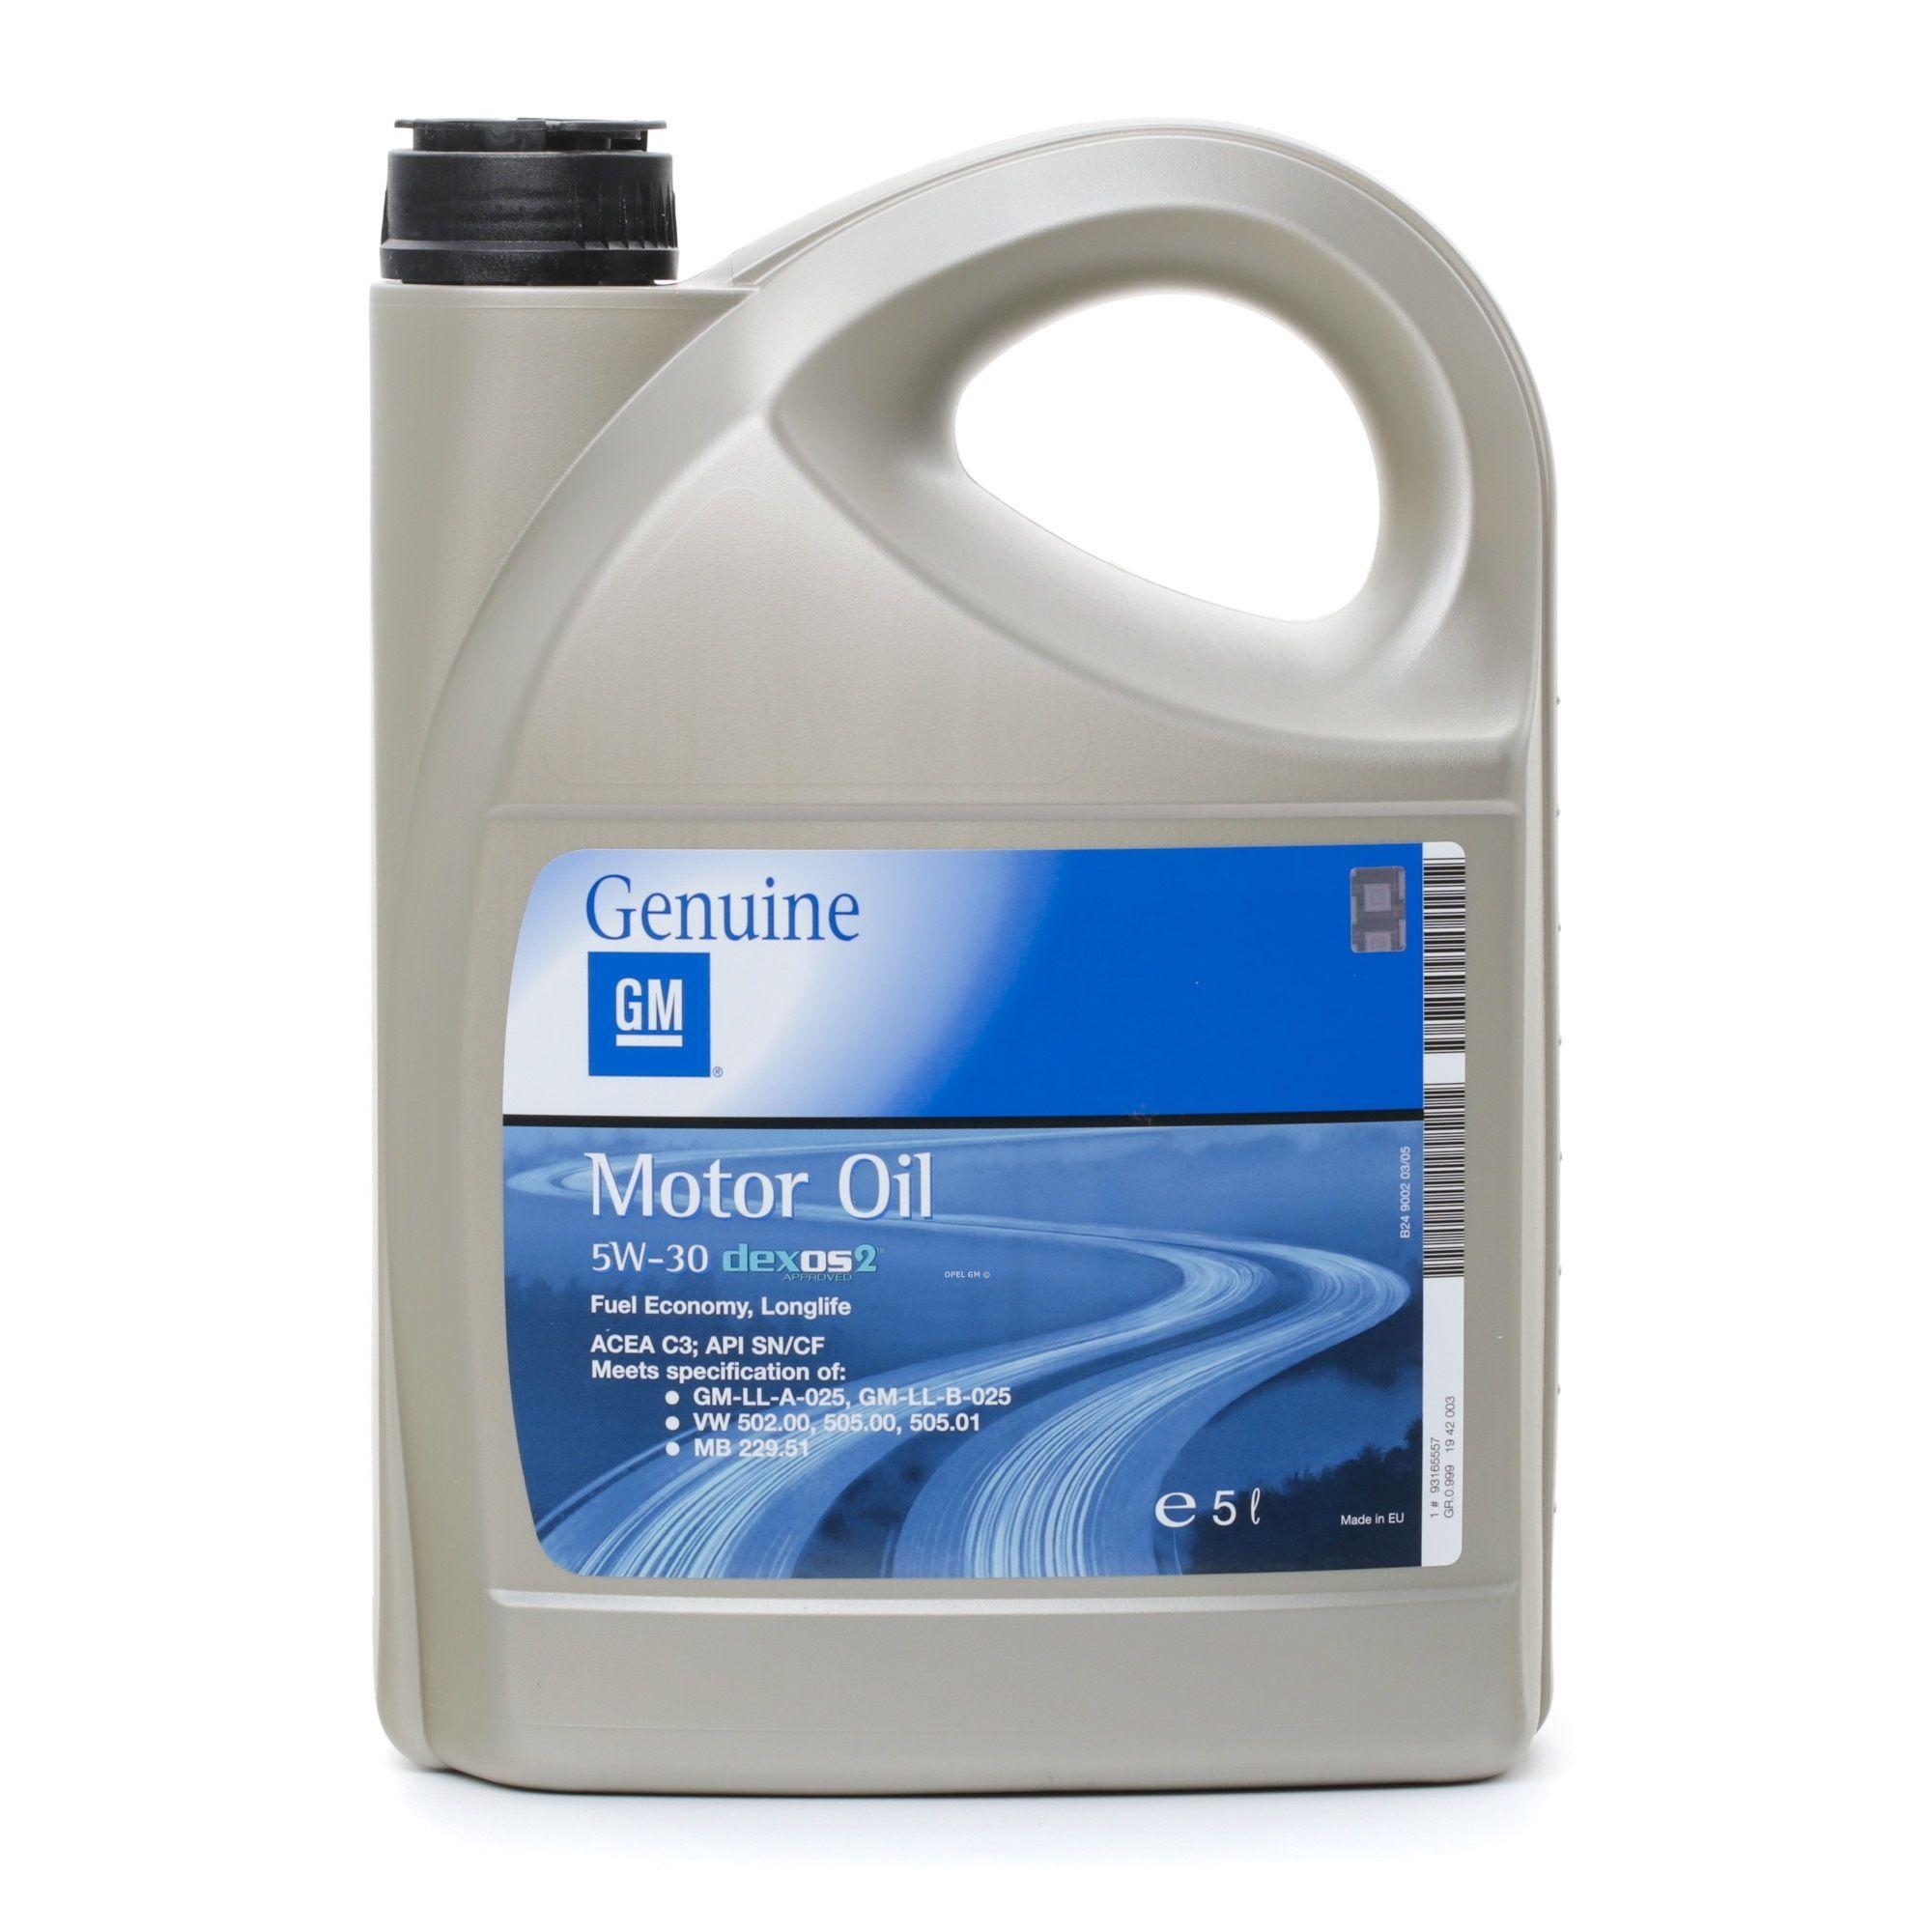 Olio motore OPEL GM 19 42 003 valutazione